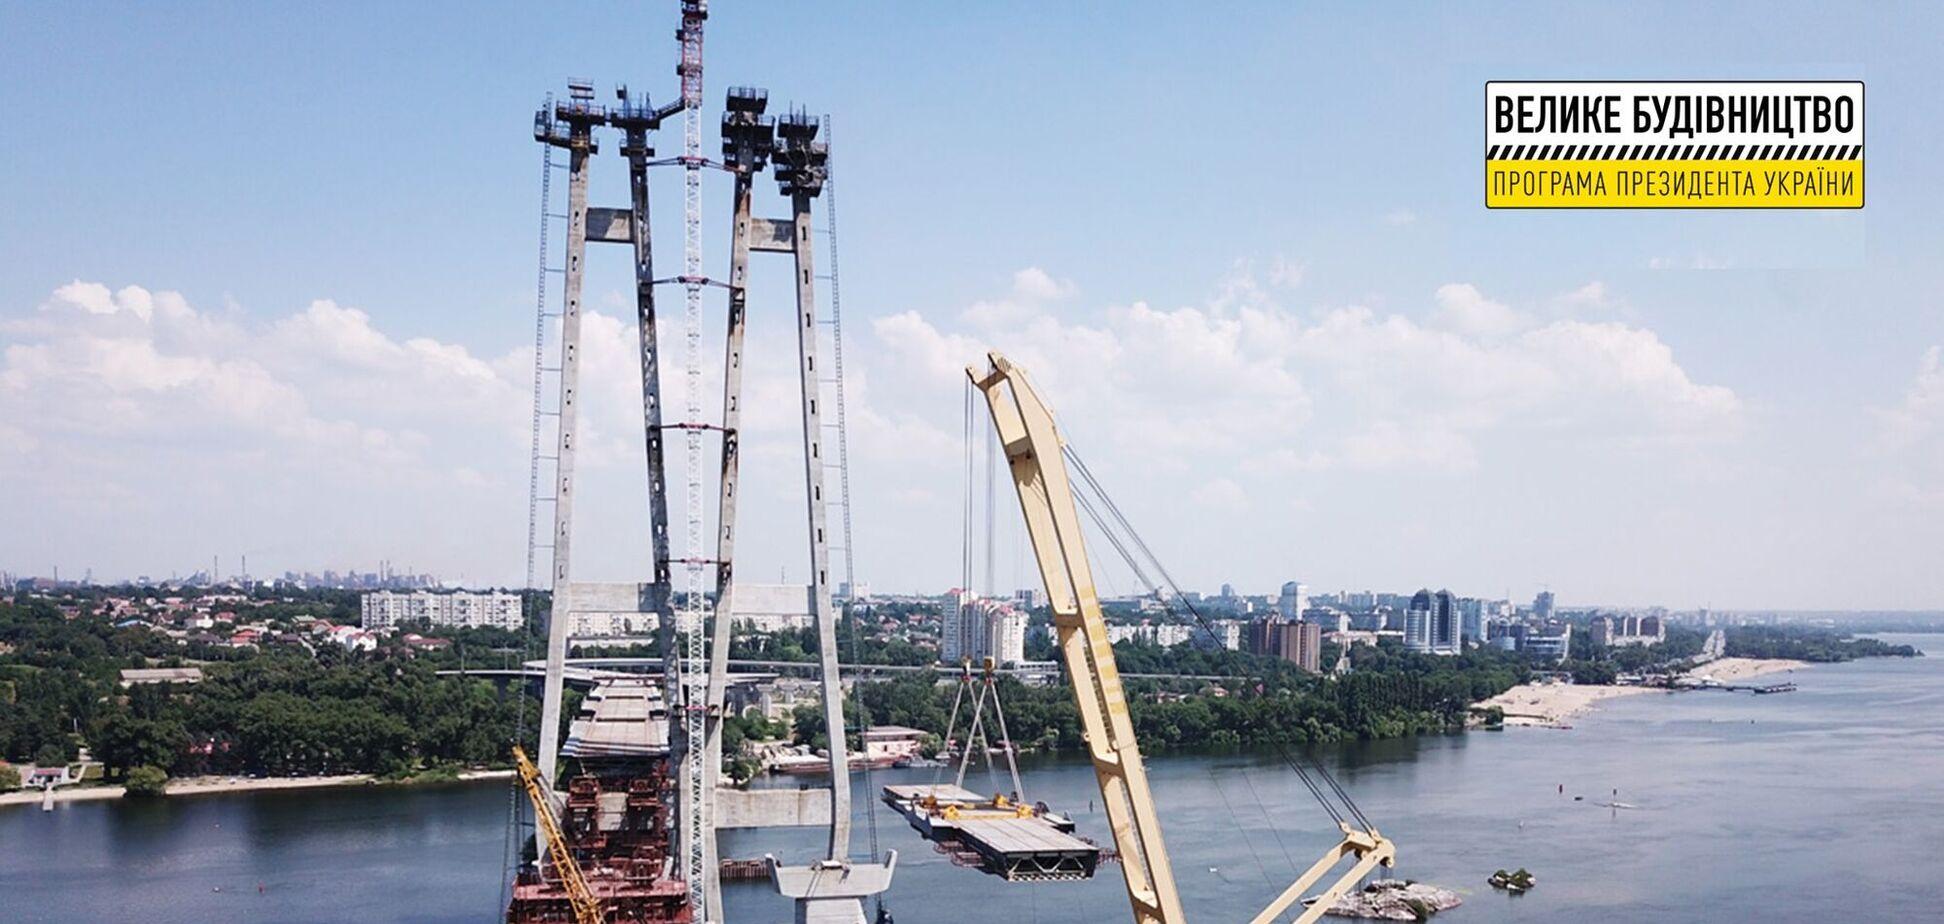 До кінця липня на 'Великому будівництві' вантового мосту в Запоріжжі змонтують усі 6 прогонових секцій